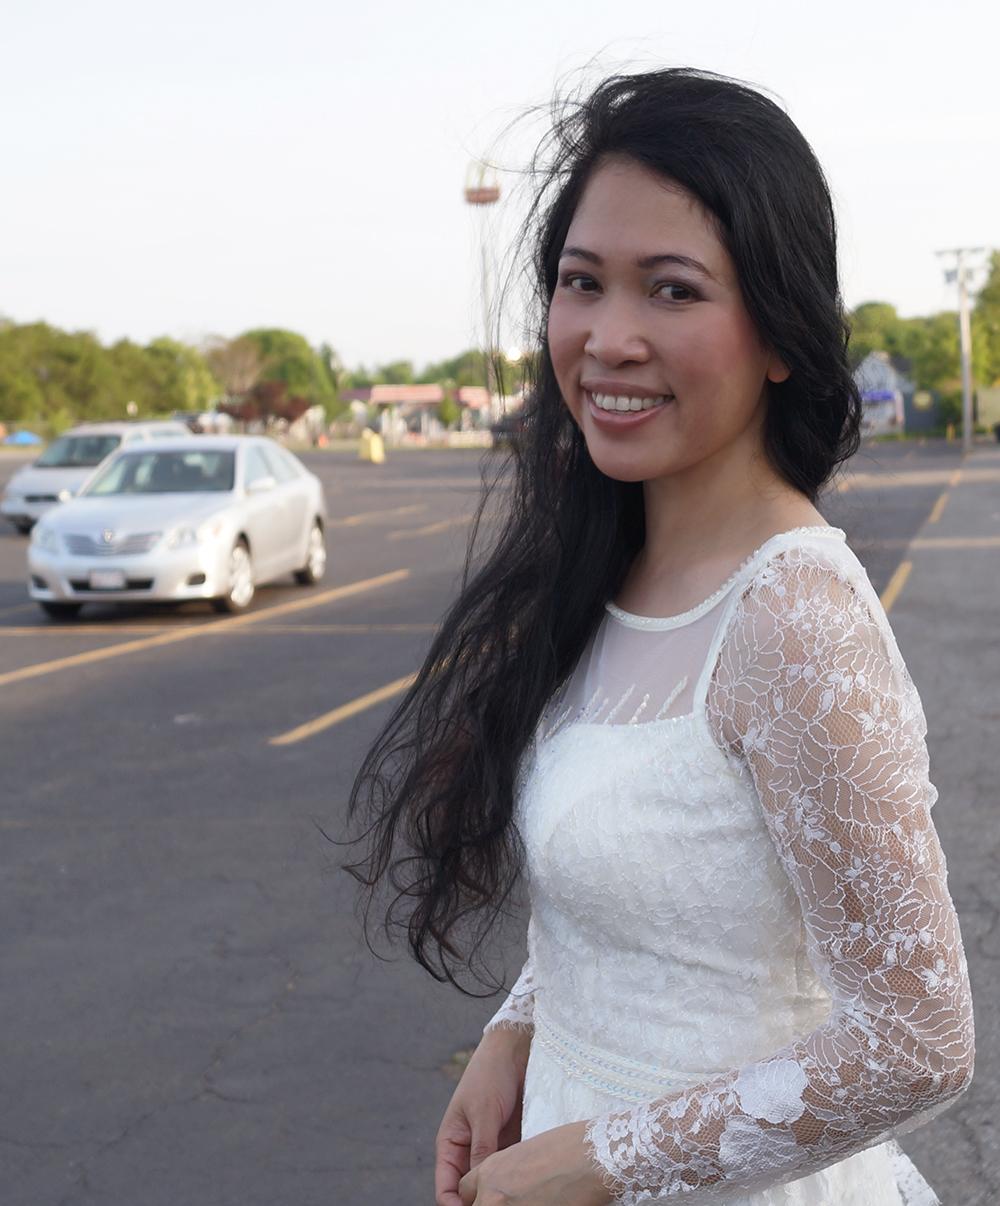 Jendhamuni at Sam Rainsy's public forum